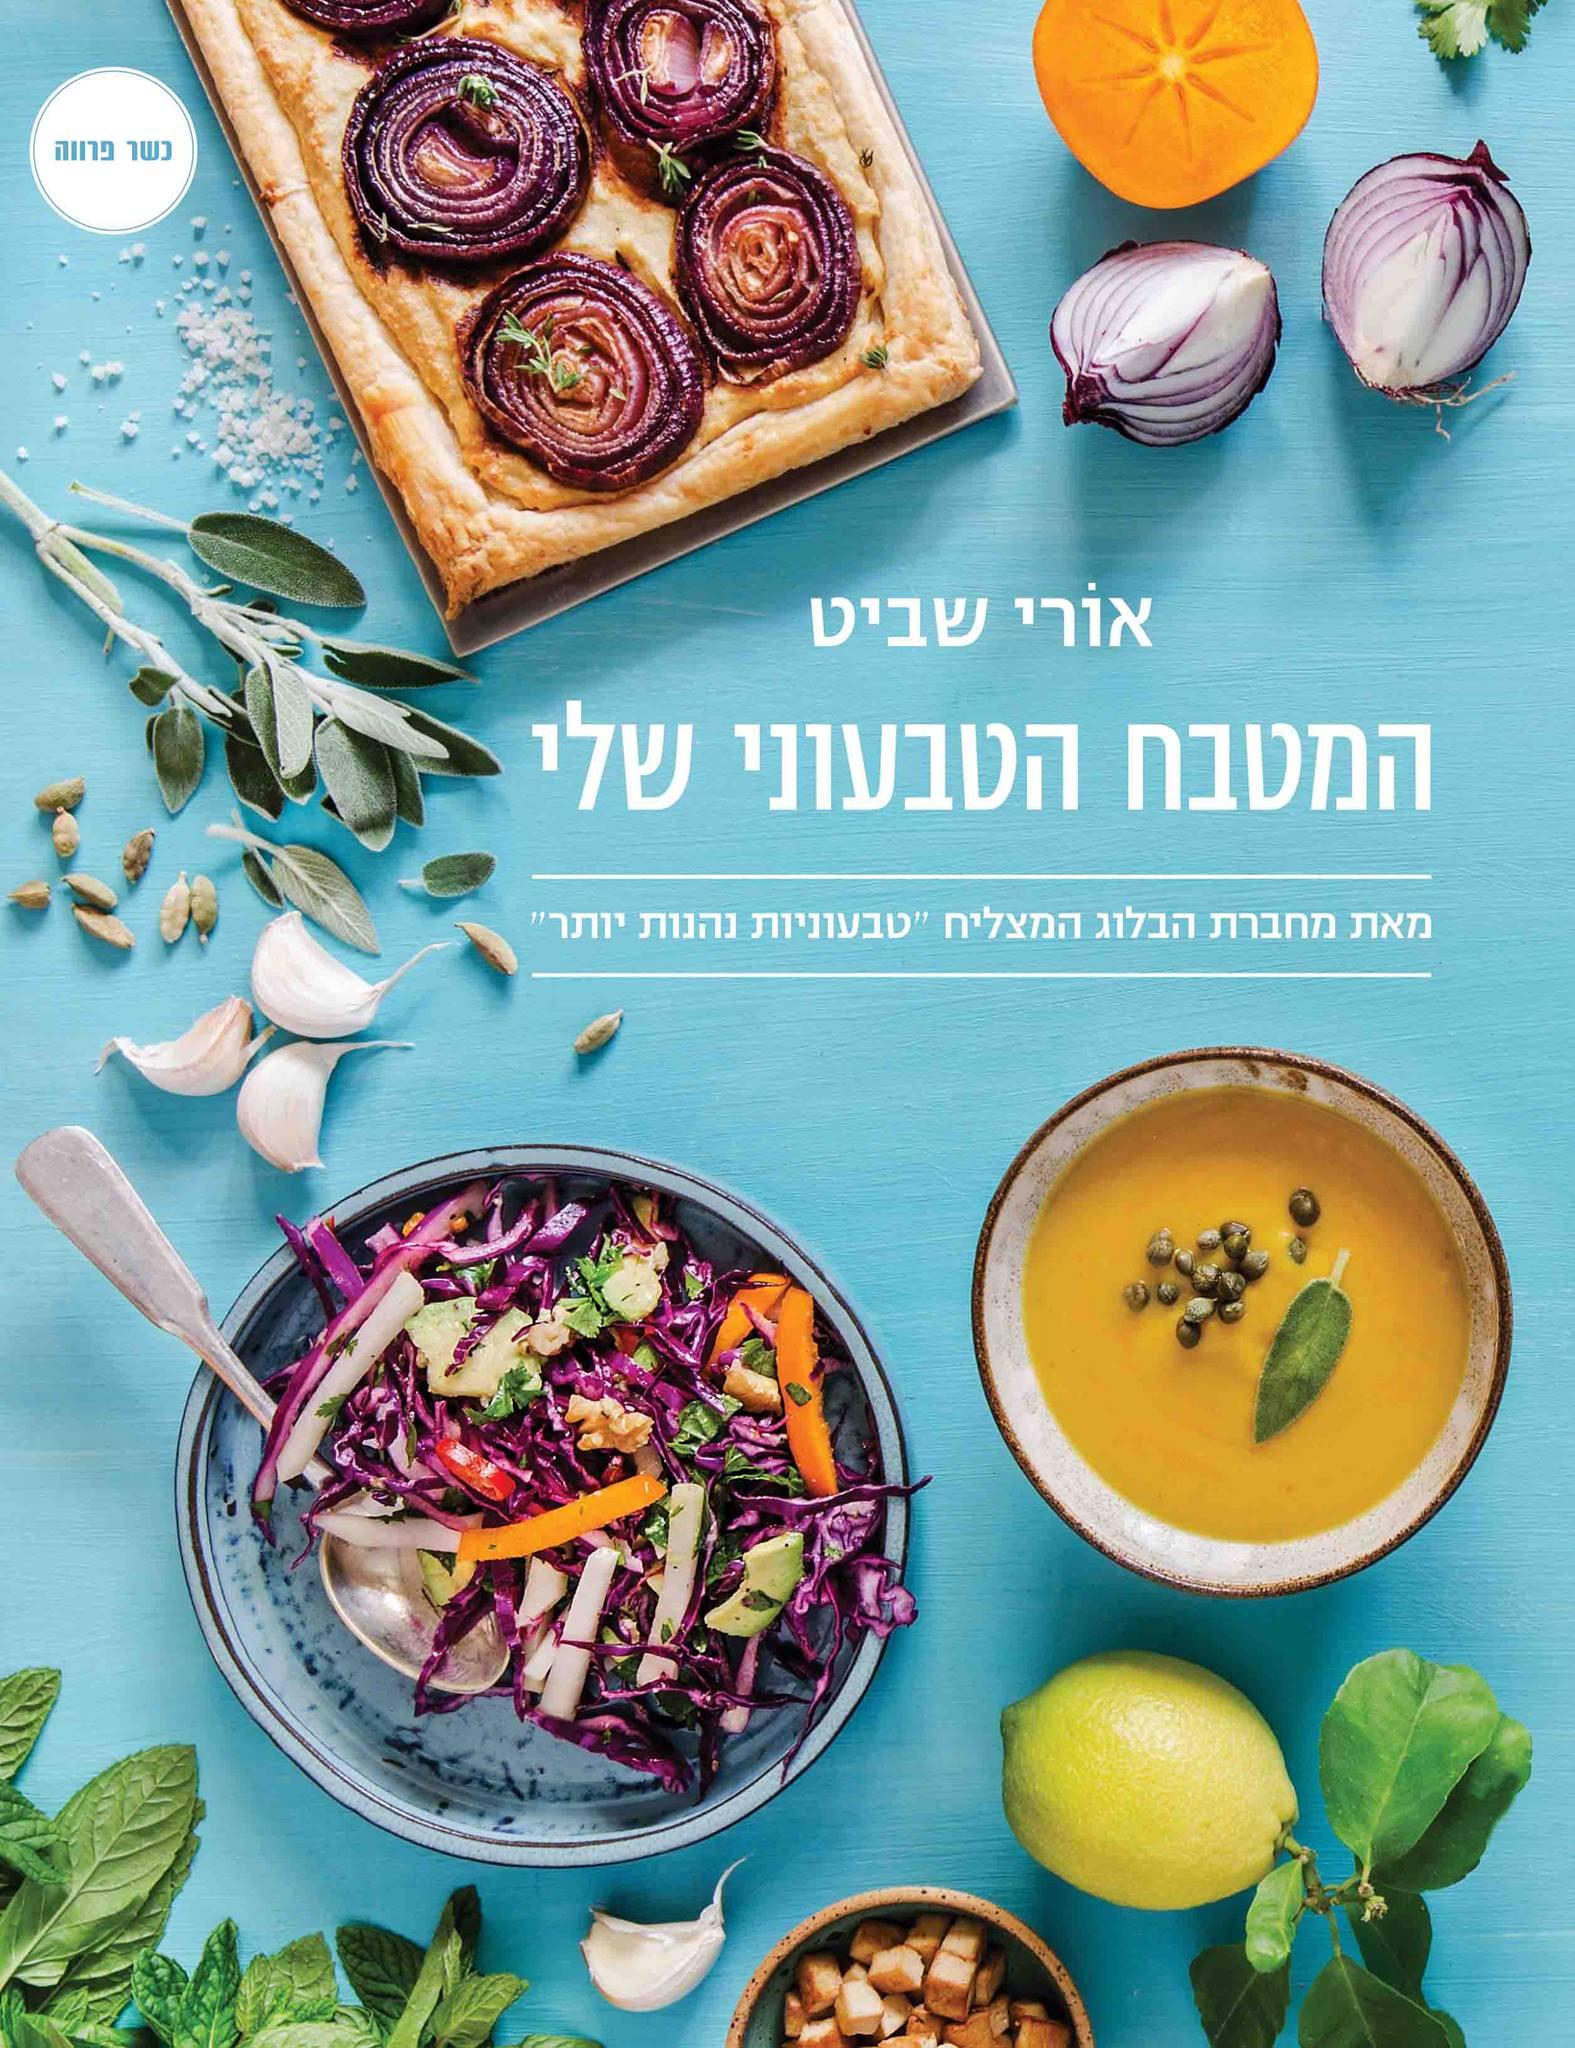 Editor - My Vegan Kitchenby Ori ShavitSteimatzky Publishing House, 2018